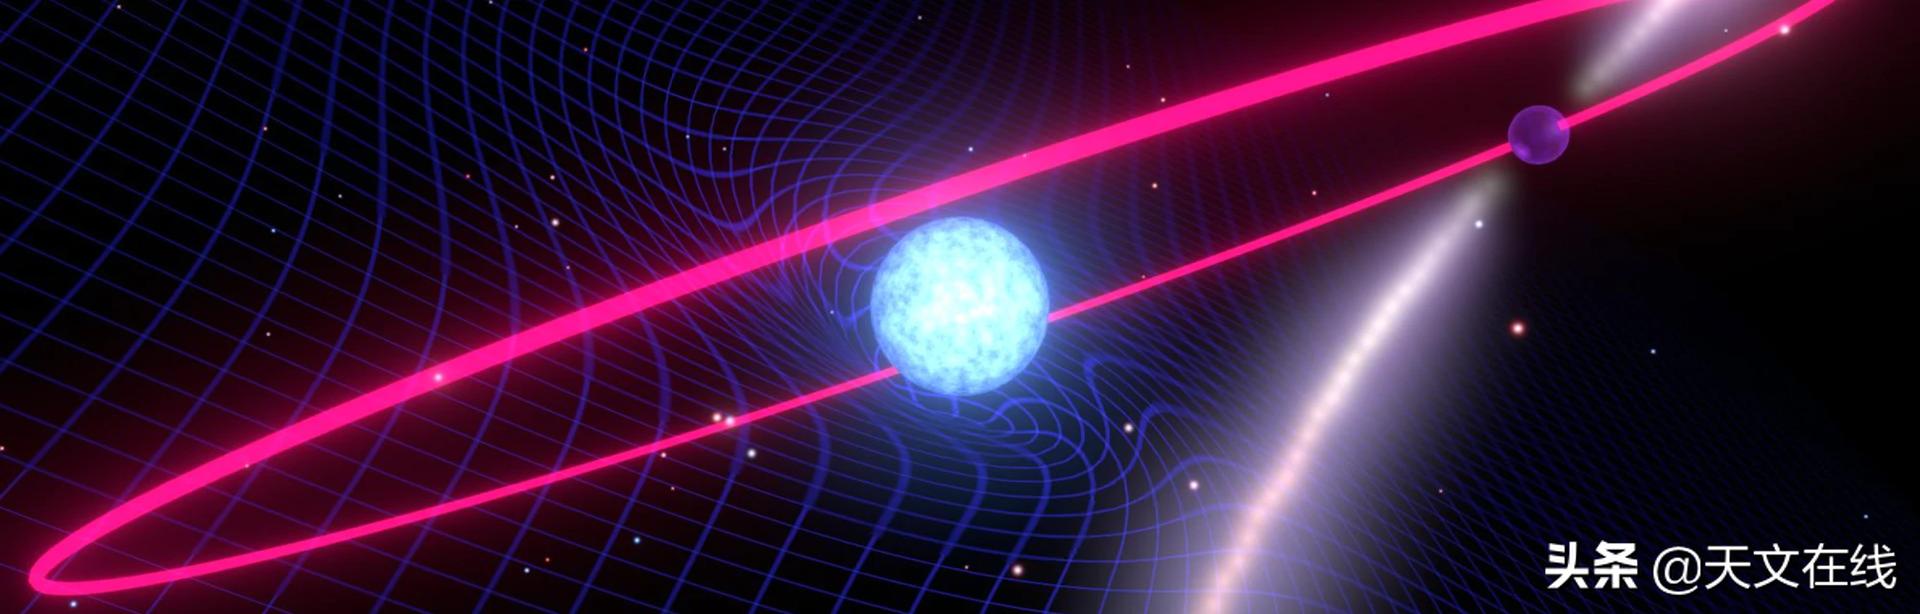 研究发现,白矮星的高速自转使其时空在这一场轻快舞蹈中慢了下来